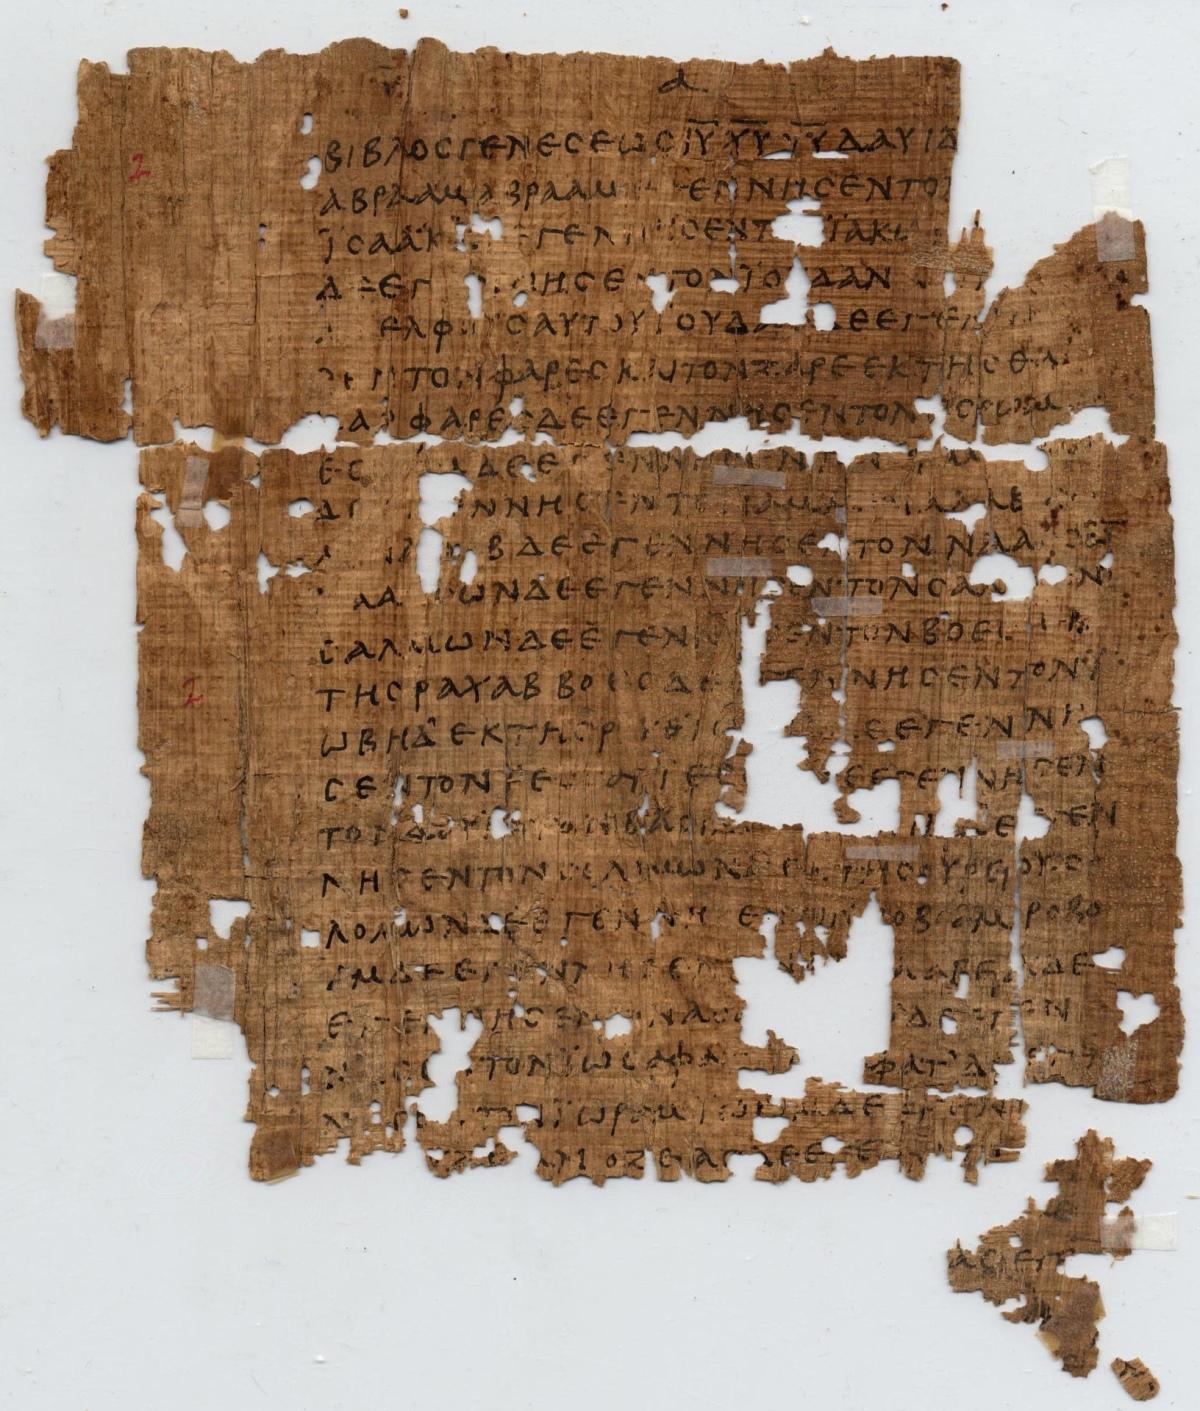 The origins of Jesus in the book of origins: Matthew1